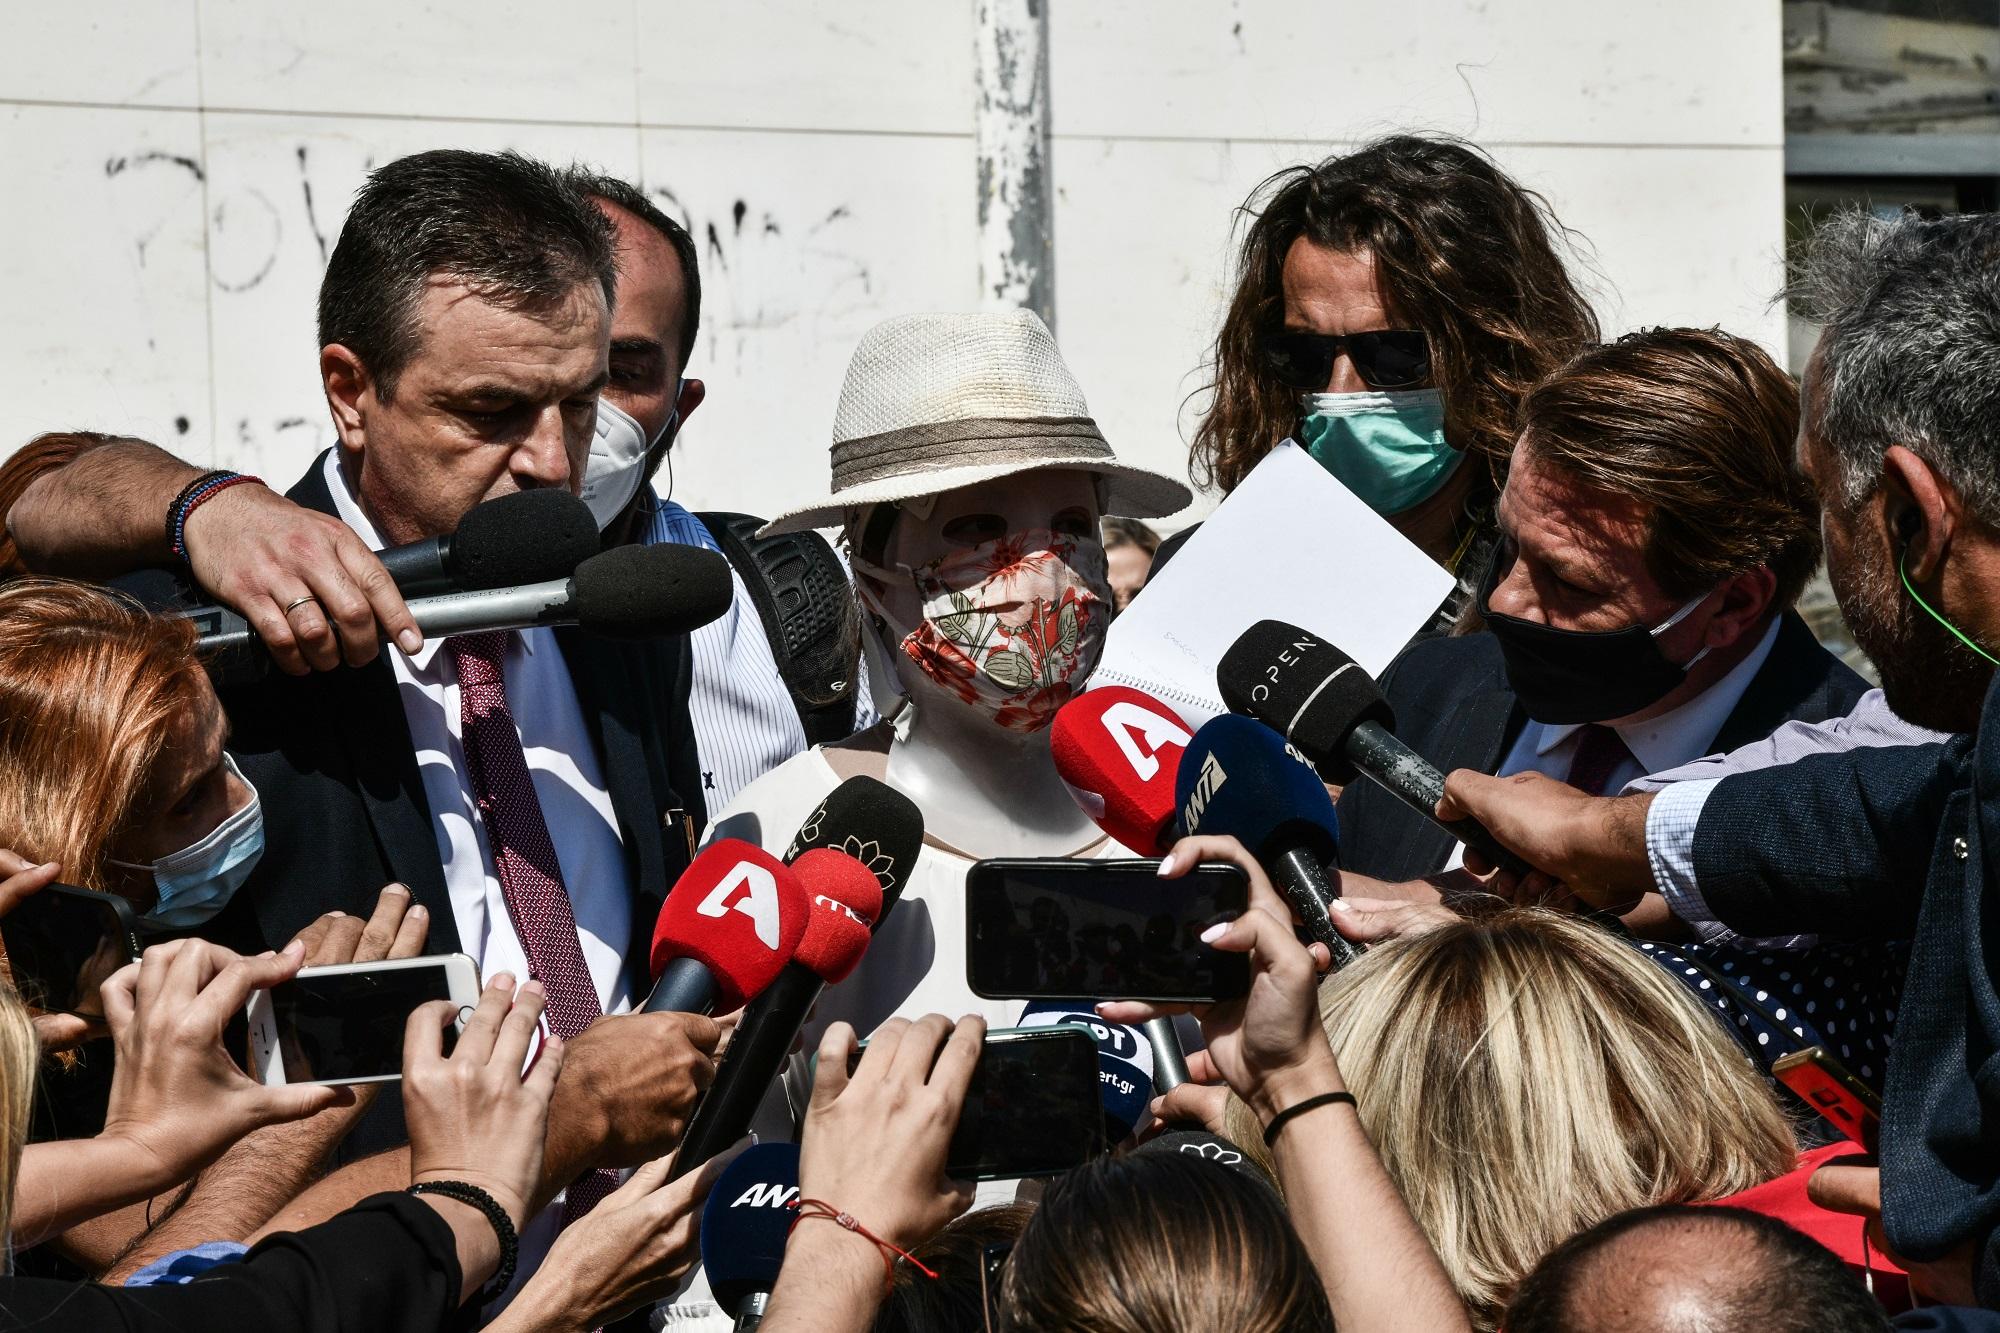 Ν. Δένδιας: Nα αλλάξει η Τουρκία τη νέο-οθωμανική της πολιτική για μνημεία όπως η Αγία Σοφία